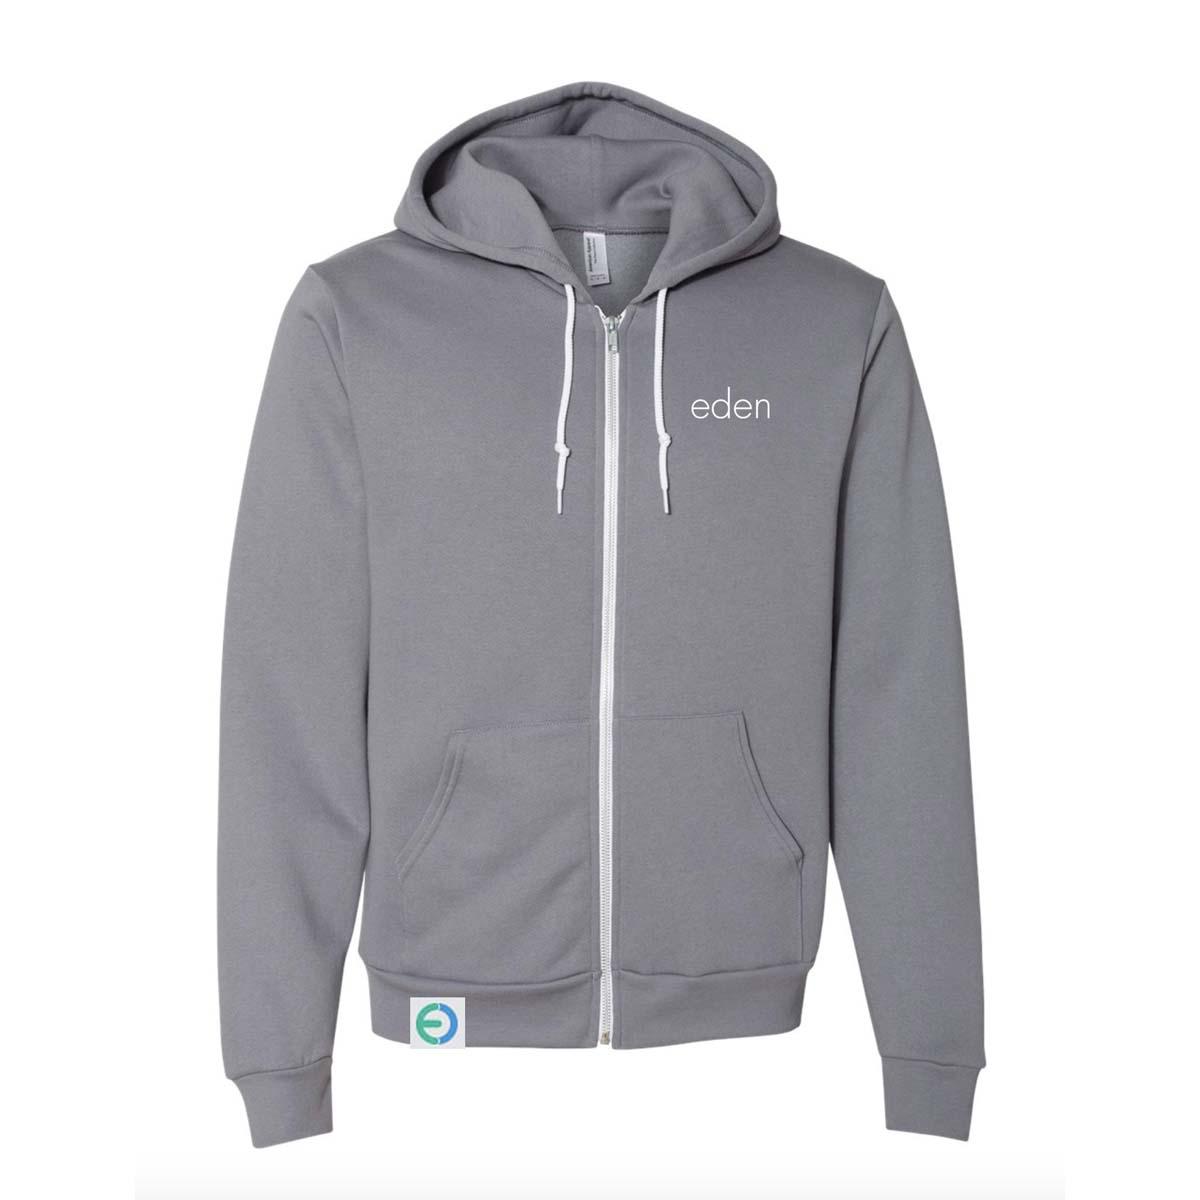 Eden gray fruit sweatshirt zip w